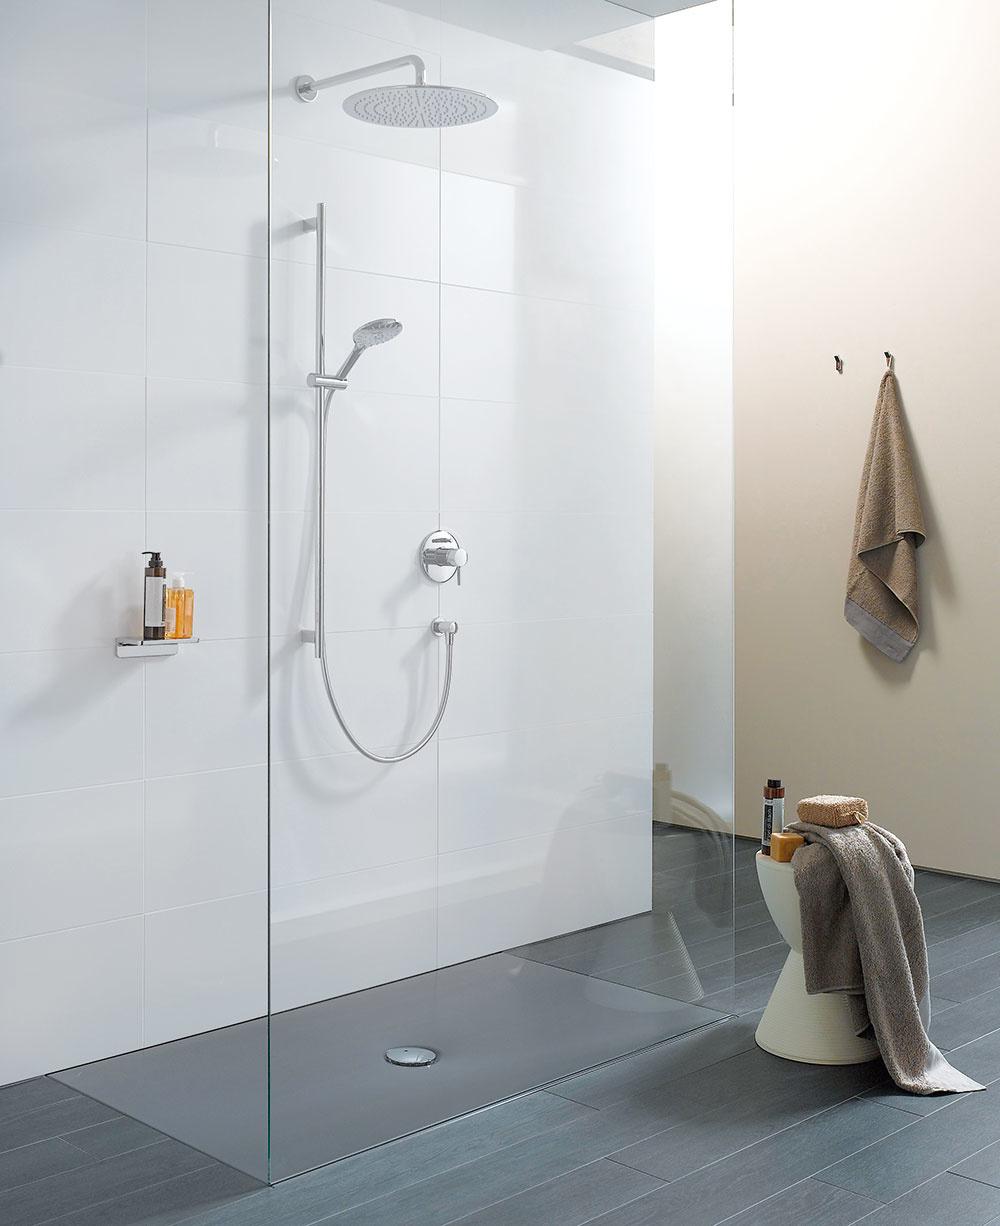 Moderné stvárnenia kúpeľne prajú subtílnym a na prvý pohľad nenápadným, no súčasne rafinovaným riešeniam. Takým je aj sprchová vanička Indura od značky Laufen s protihlukovou izoláciou určená na inštaláciu v úrovni podlahy. Vybrať si môžete zo šiestich veľkostí a troch farieb – biela, biela matná a antracit